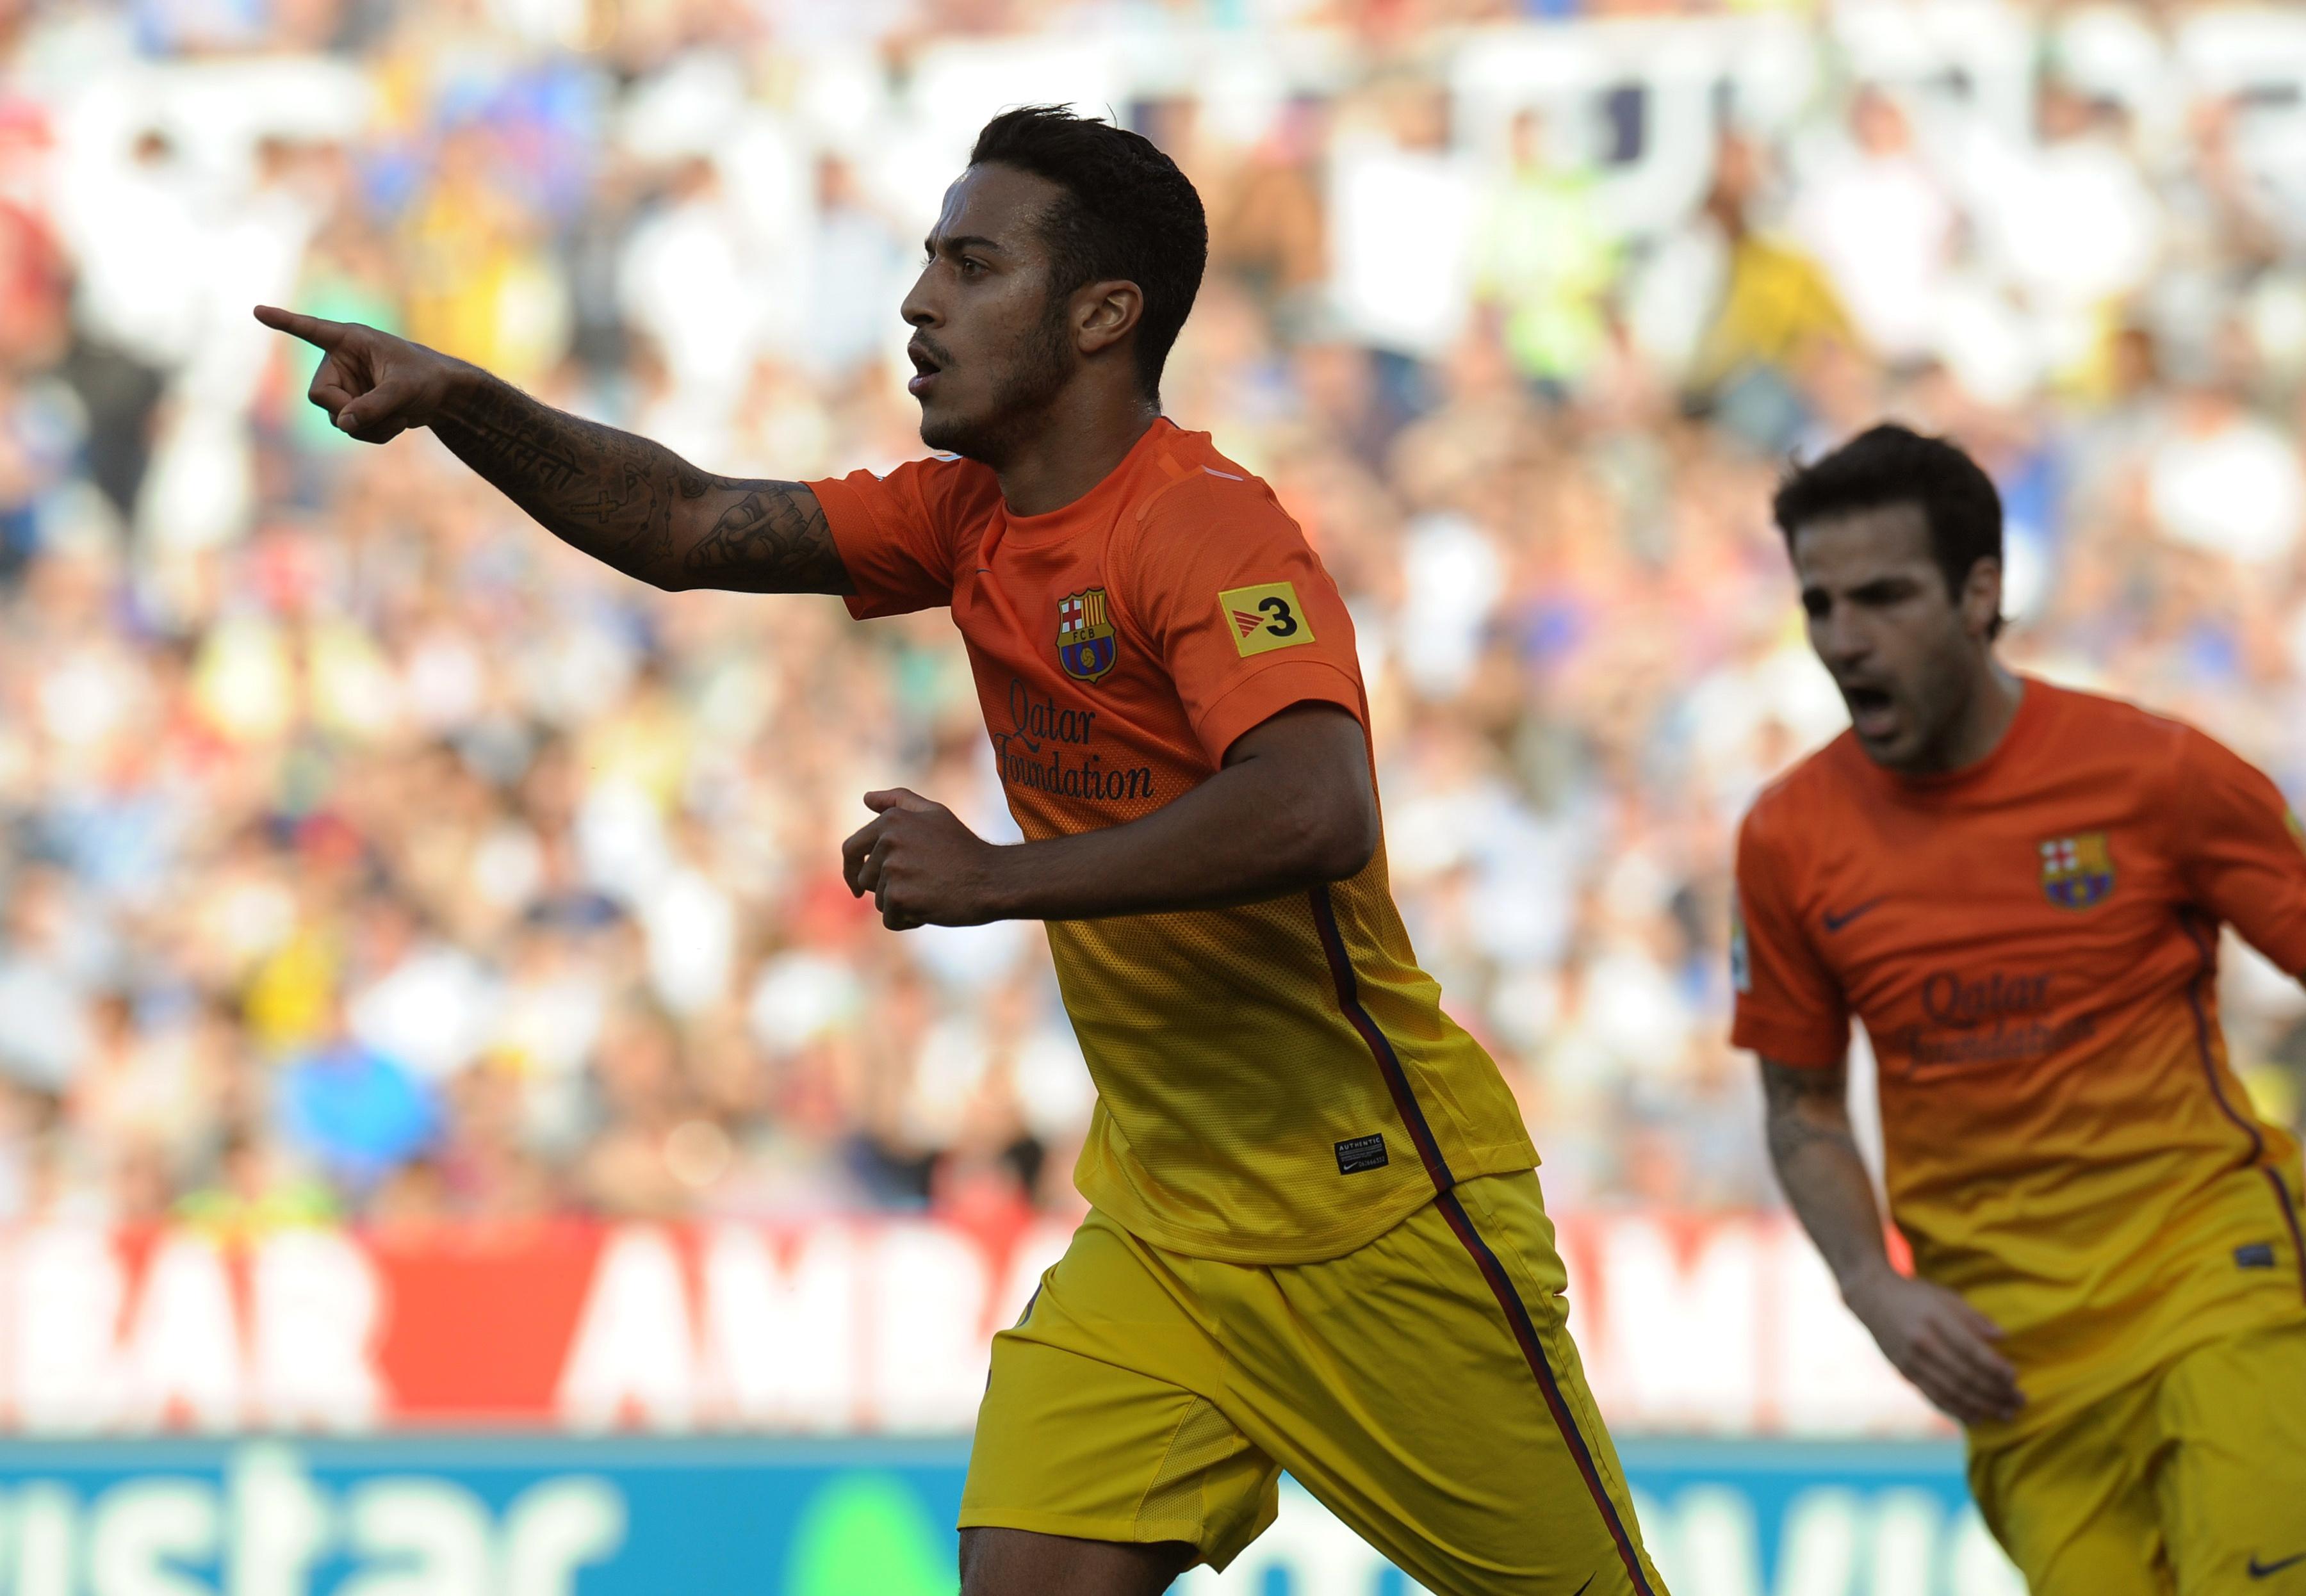 Thiago le comunica a Vilanova su decisión de marcharse del Barça